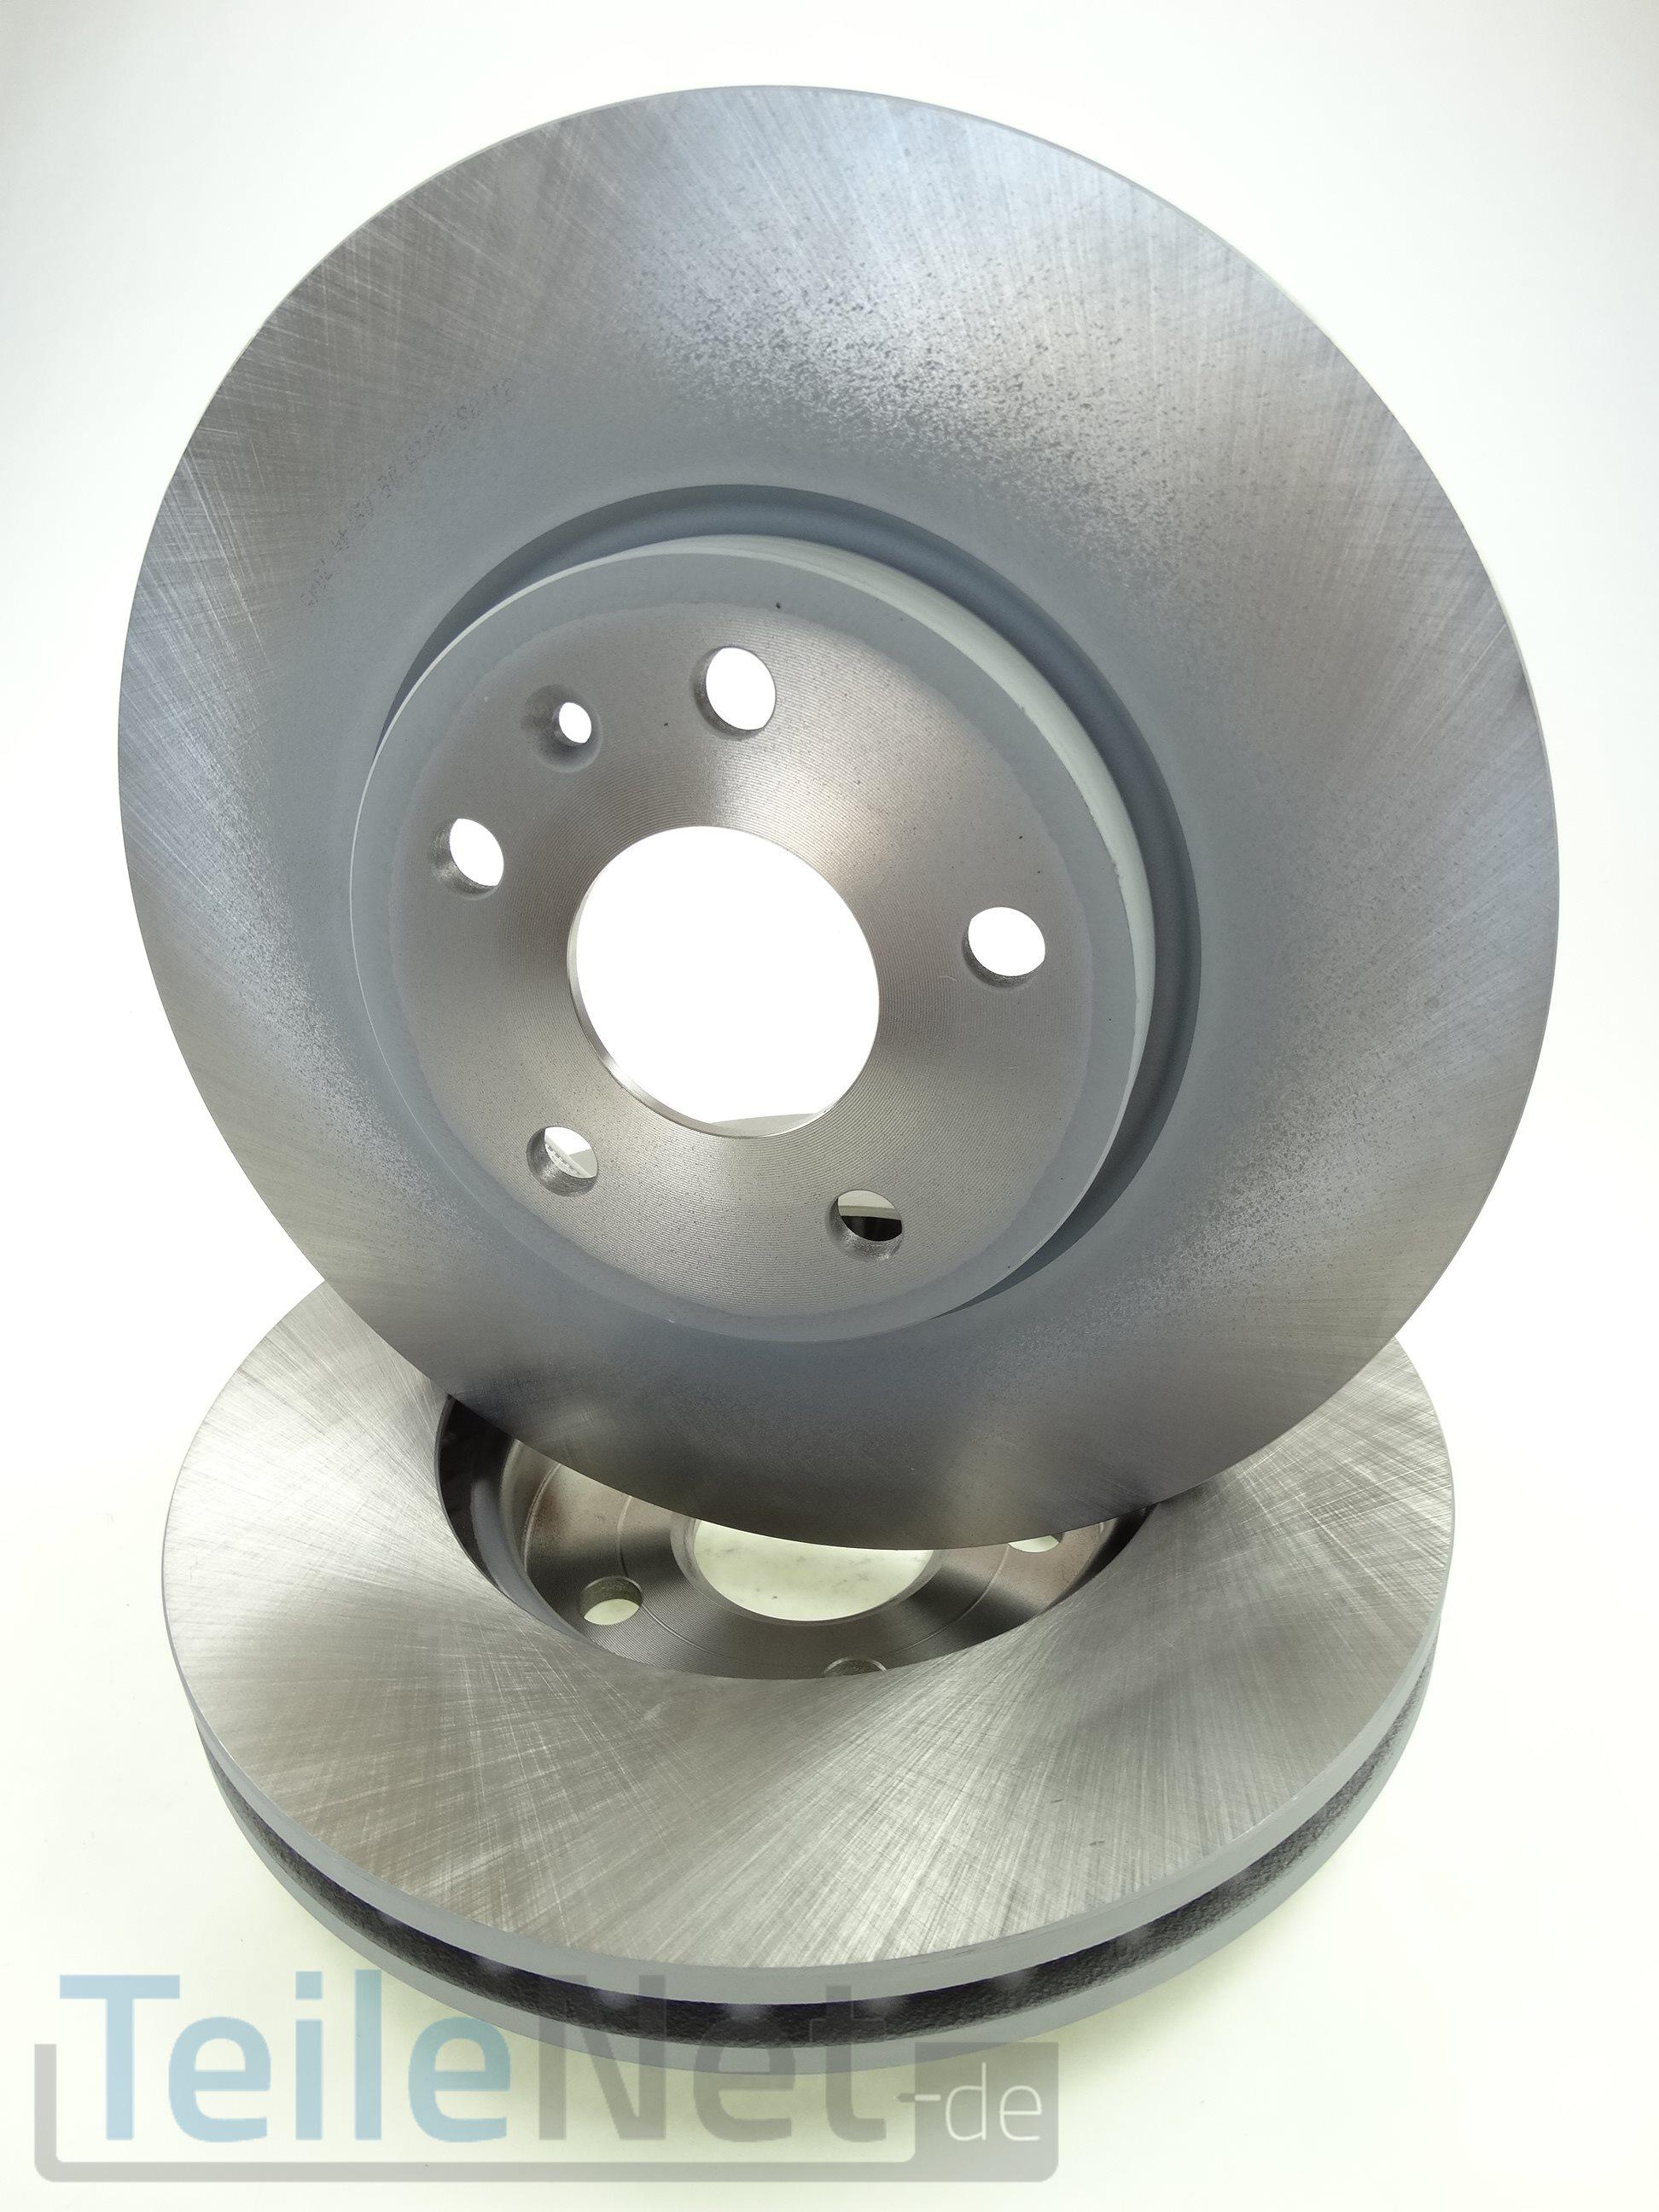 bremse vorne bremsscheibe bremskl tze original gm opel insignia 1605256 95516090. Black Bedroom Furniture Sets. Home Design Ideas